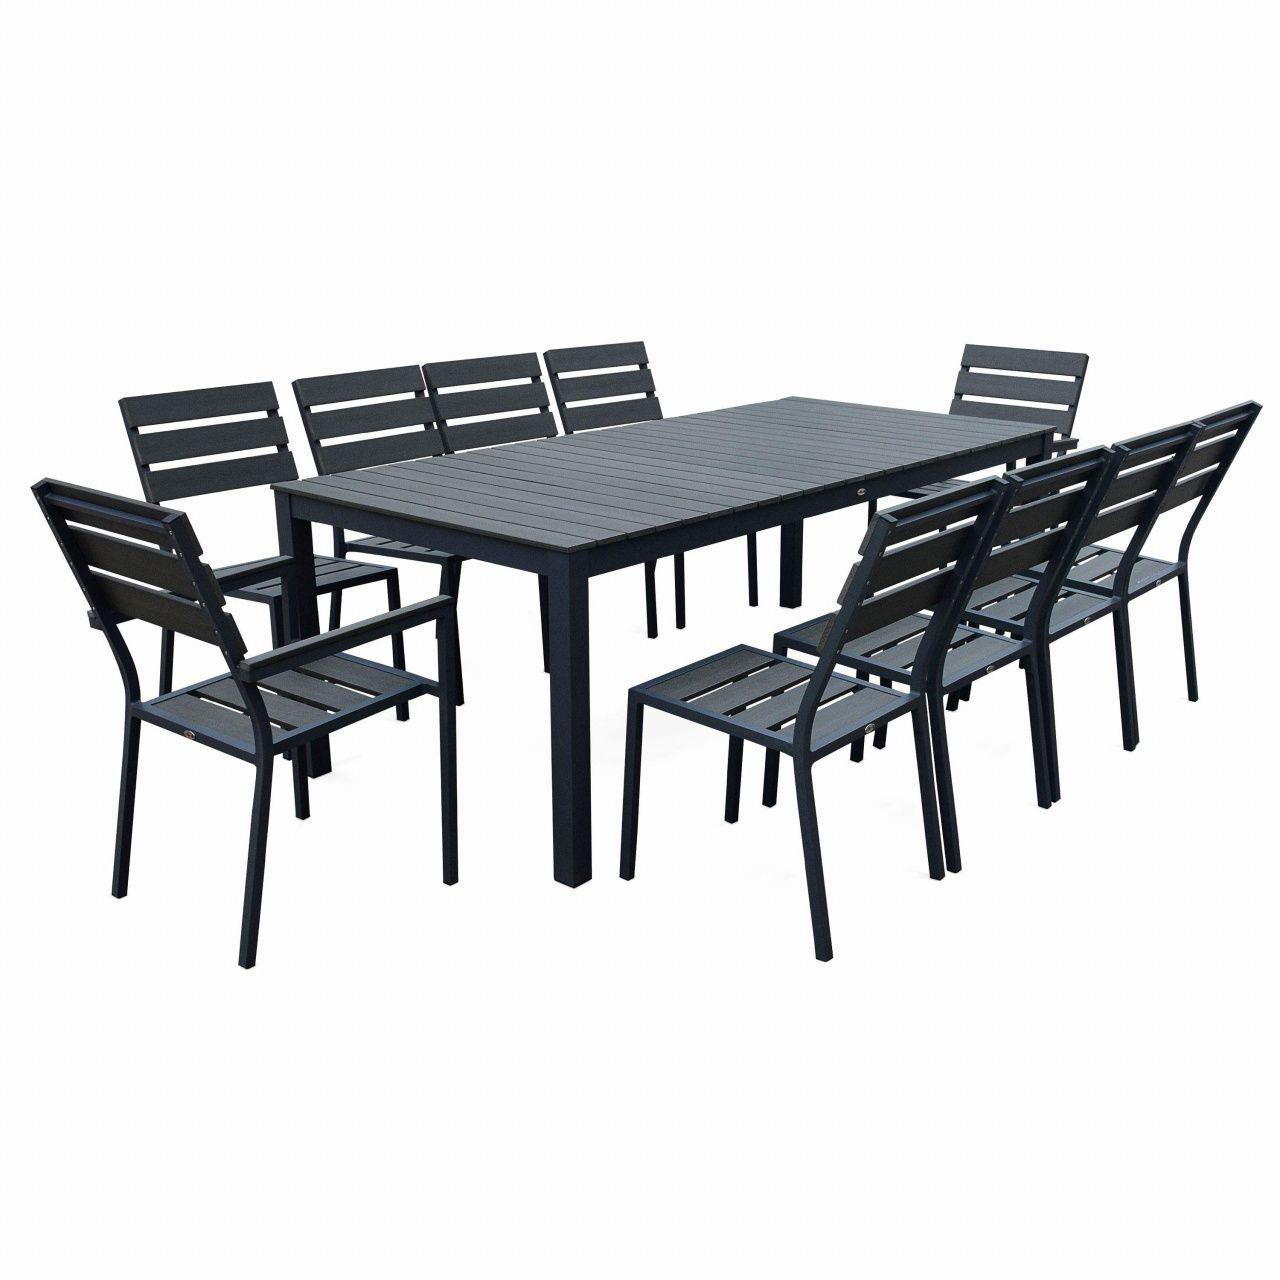 99 Fauteuil De Jardin Castorama | Outdoor Tables, Indoor Garden intérieur Salons De Jardin Castorama